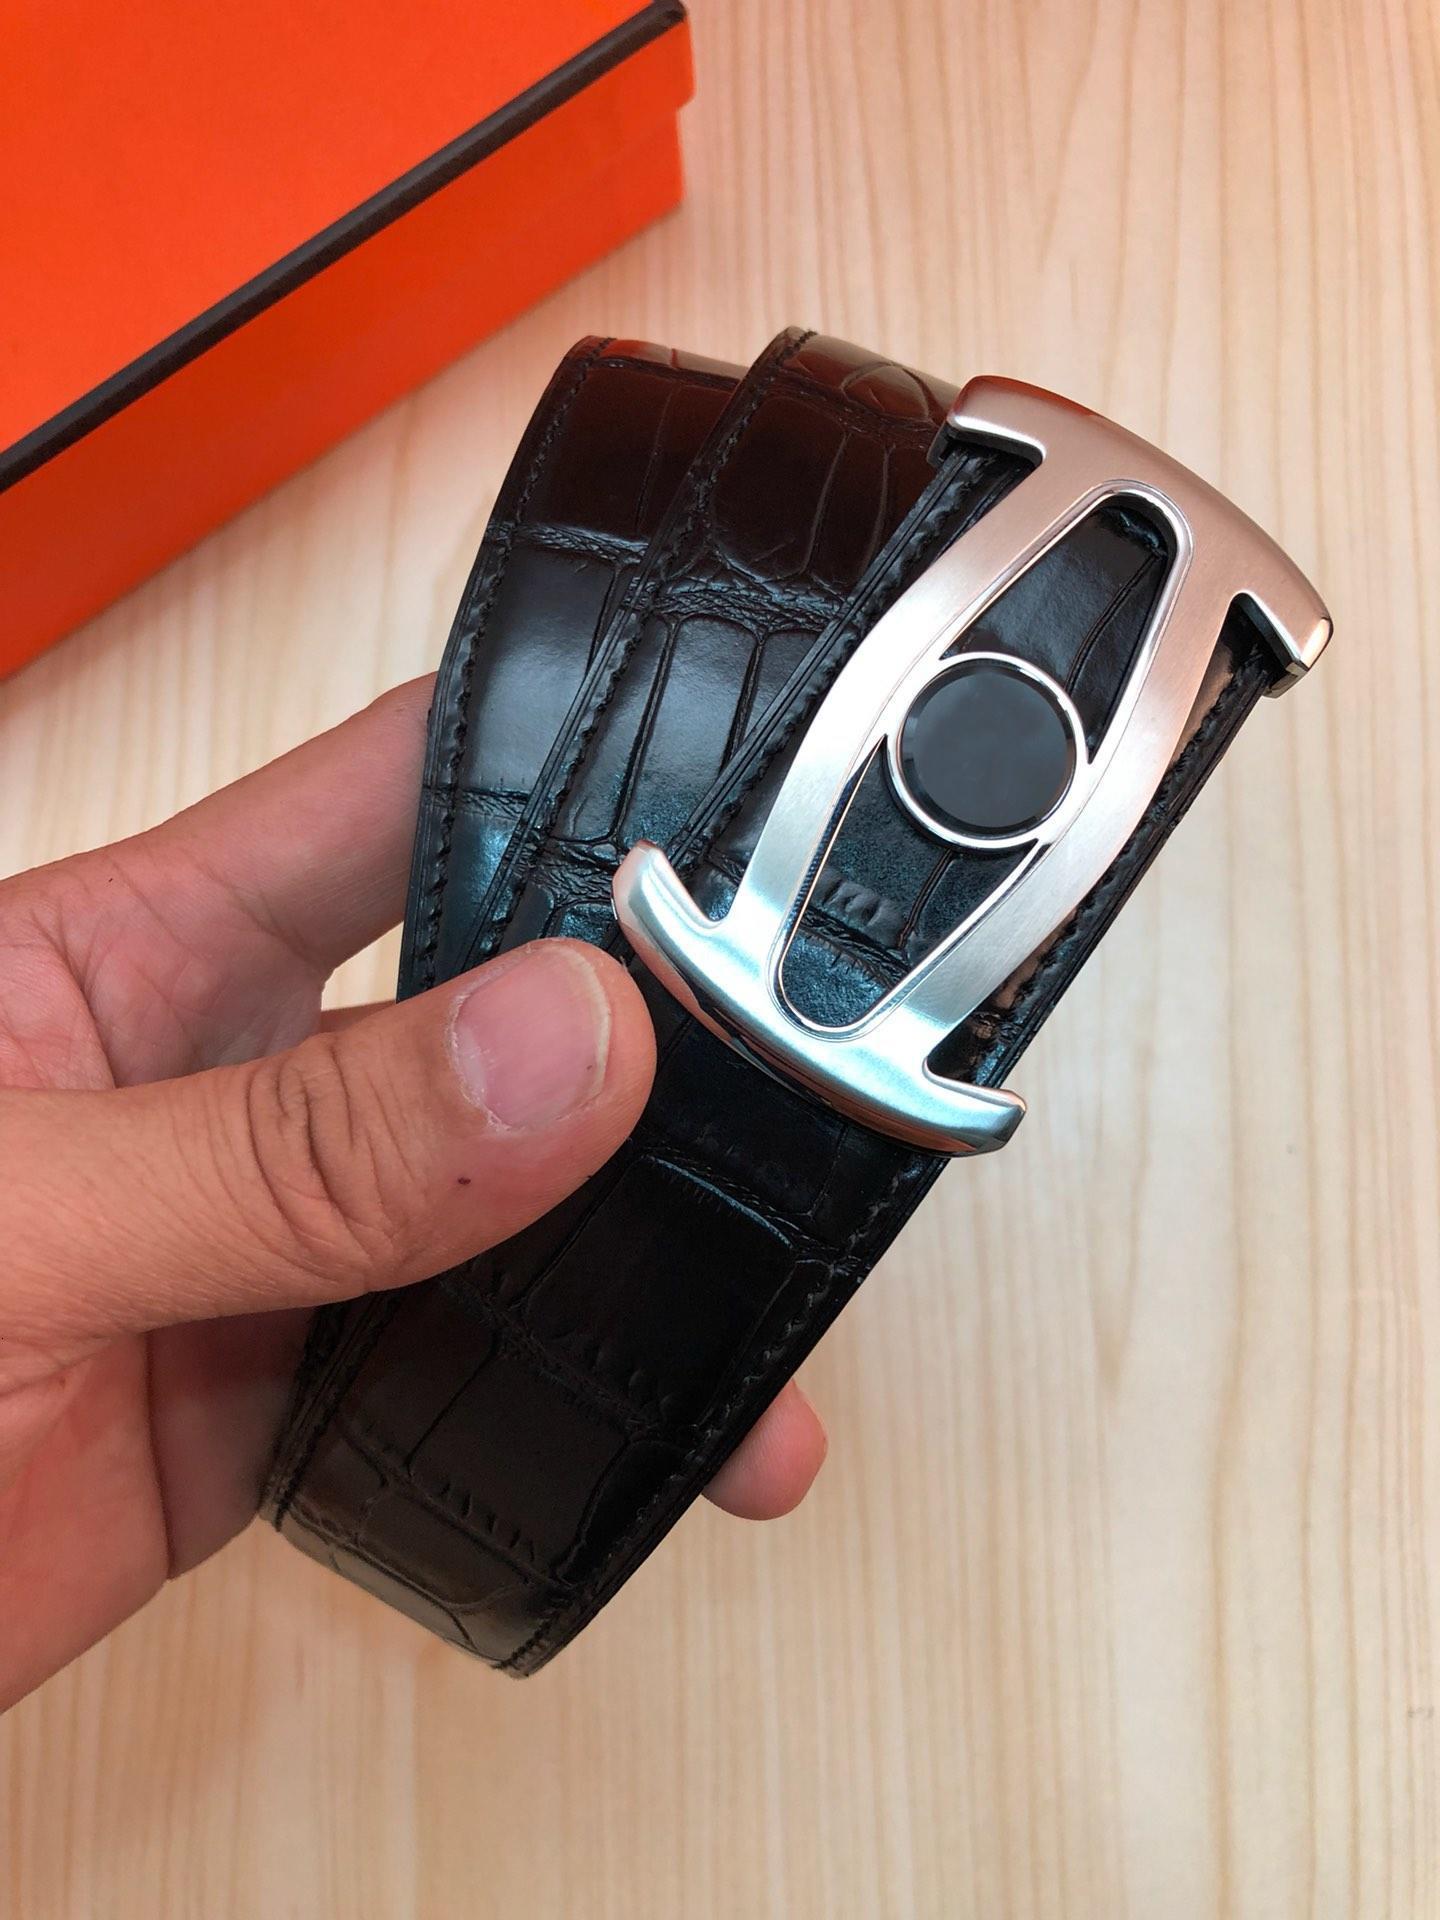 дизайнерские ремни ремни для мужчин большой пряжки ремня высокой моды мужской кожаный ремень оптового конструктора Бесплатная доставка мужской ремень B20